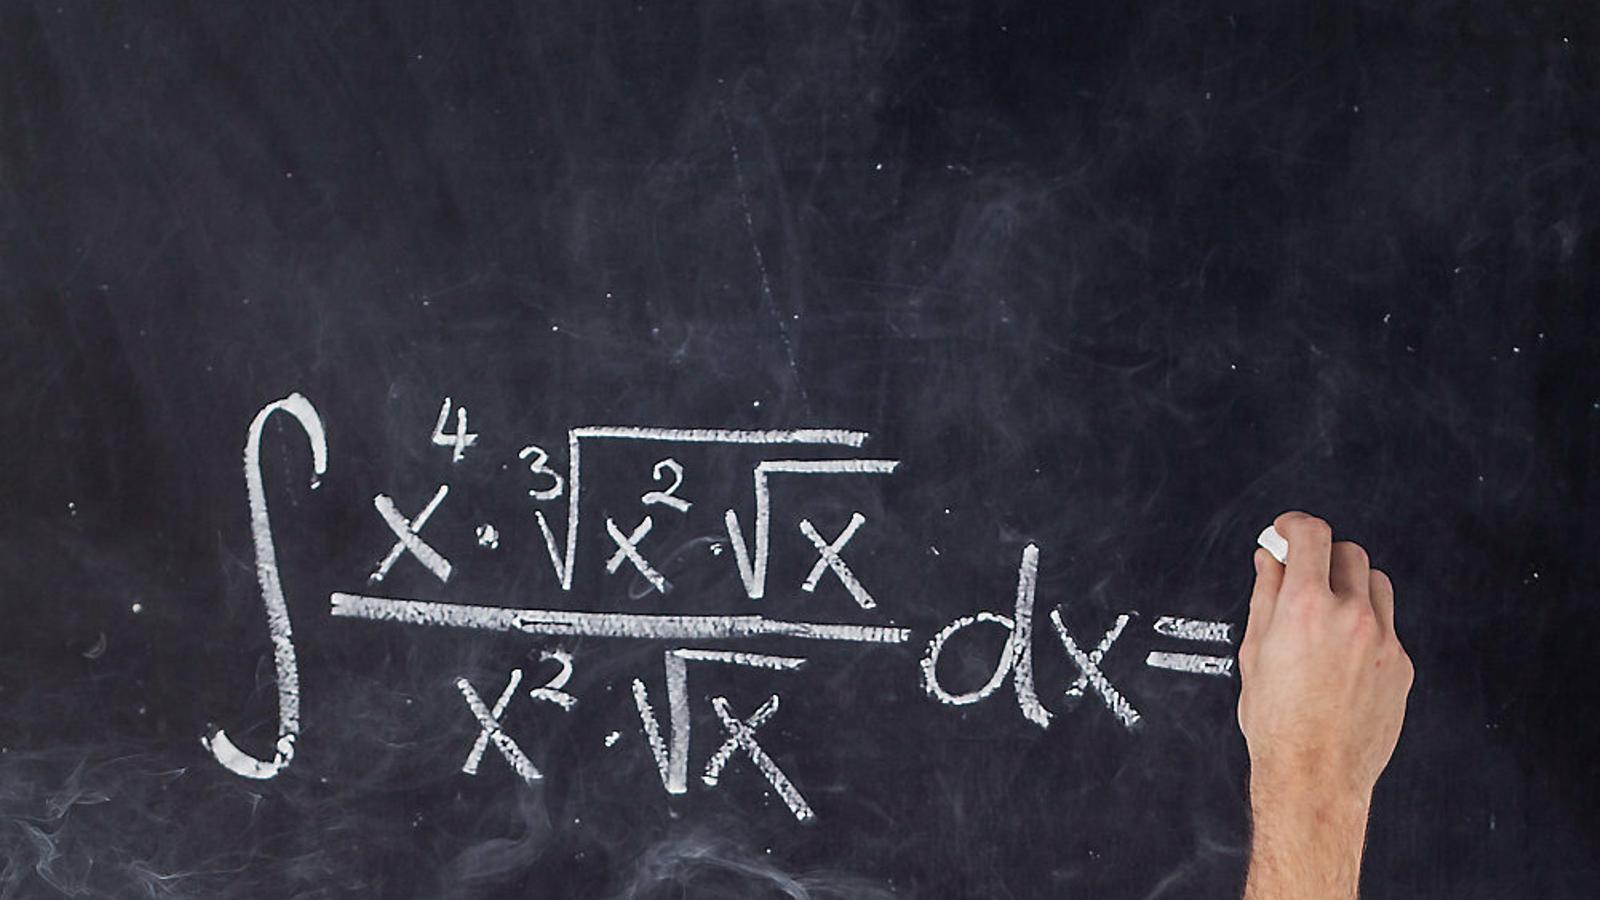 L'augment d'ansietat que experimenten les noies que estudien matemàtiques indica que, a diferència dels nois,  ja s'han hagut d'enfrontar anteriorment a entrebancs d'origen social en aquest àmbit d'estudi.